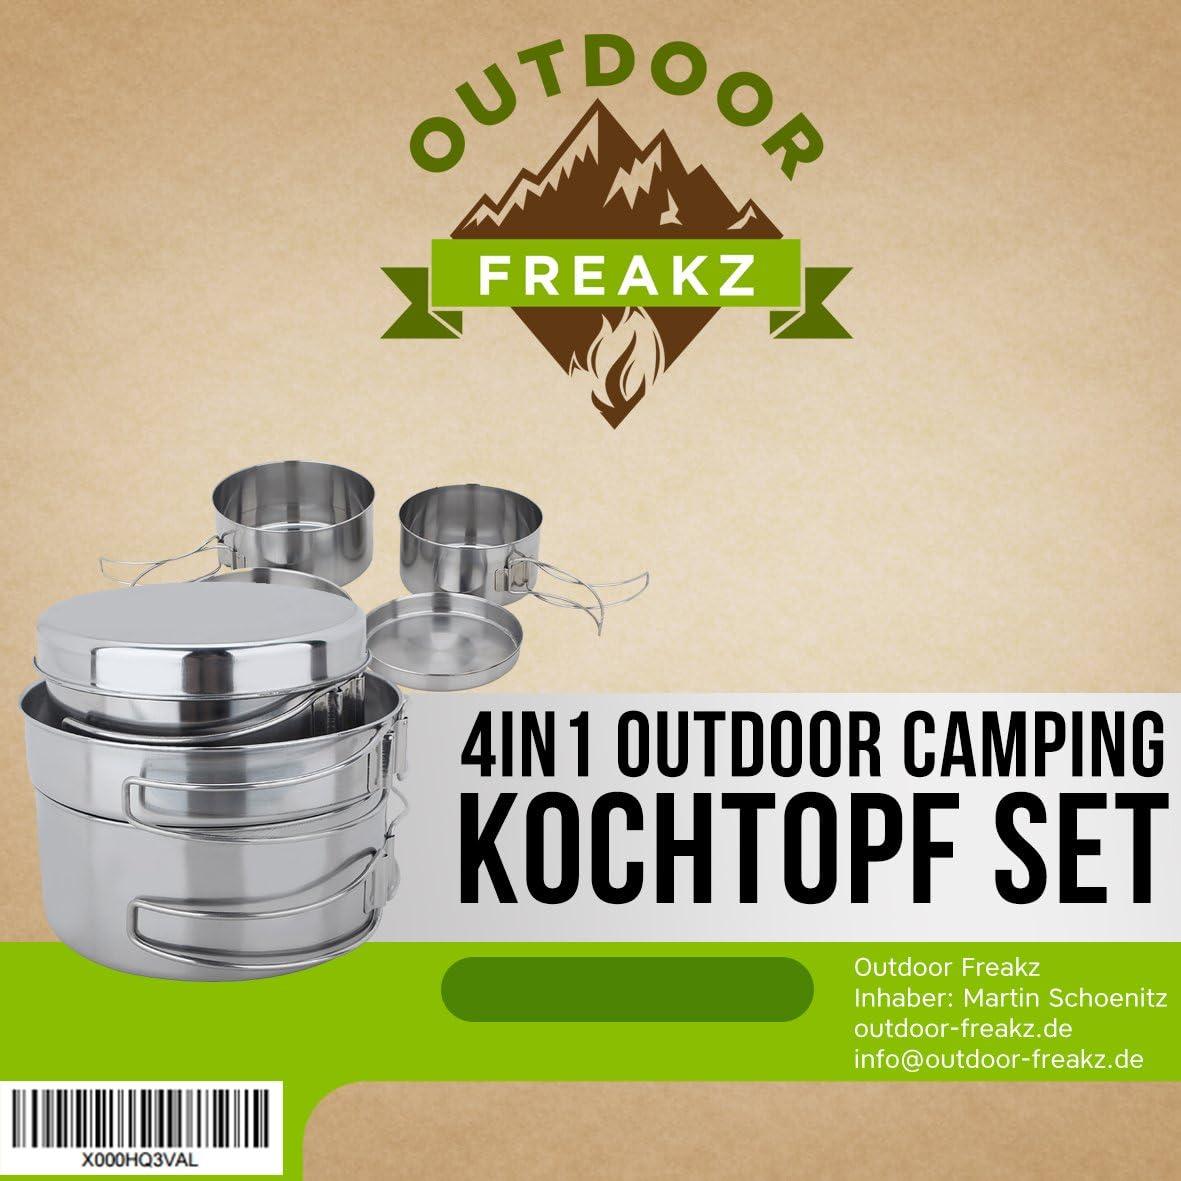 /Juego de Olla y sartenes de Acero Inoxidable de Camping Al Aire Libre Freakz/ Camping bater/ía de Cocina